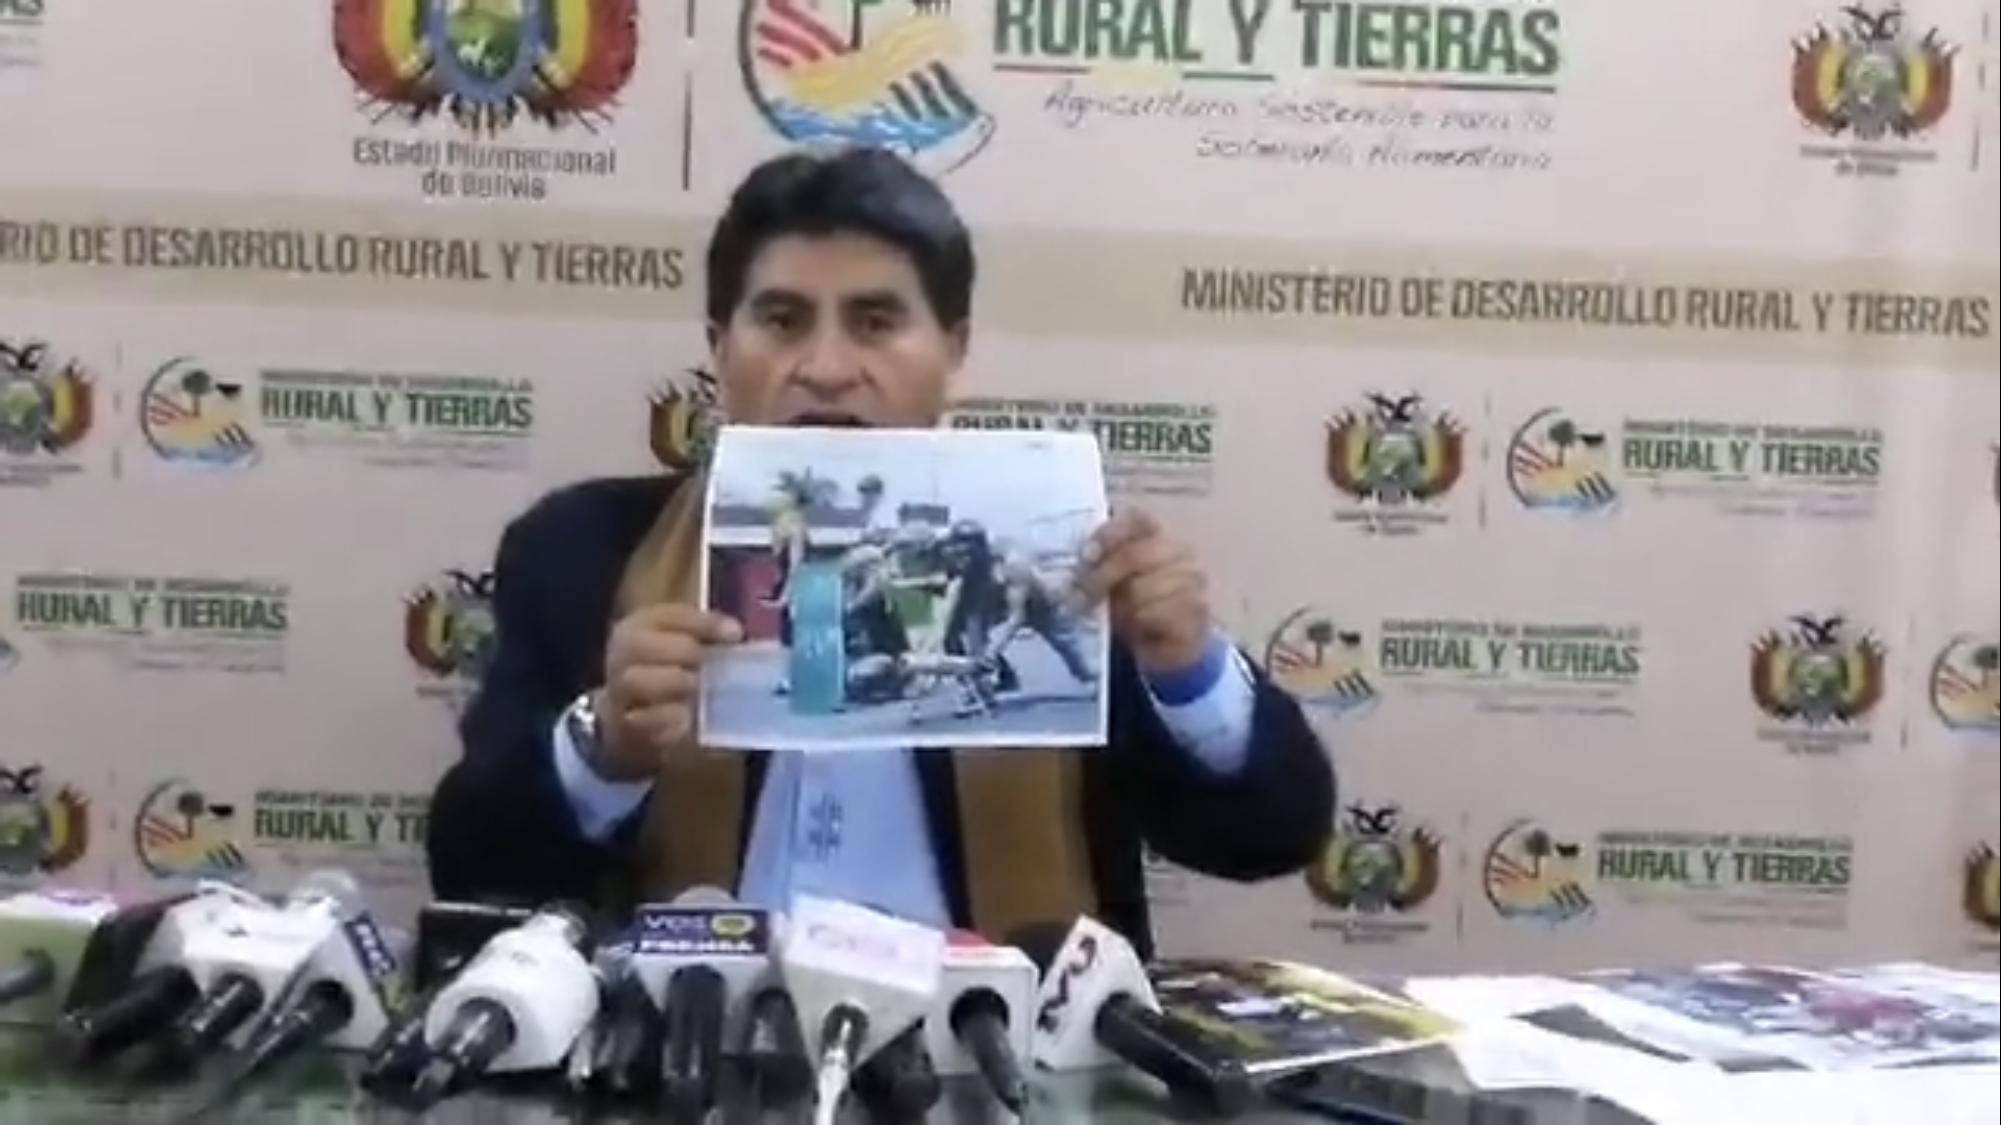 DESINFORMACIÓN. La foto que muestra el ministro fue tomada en el año 2014 durante una protesta en el estado Lara, en Venezuela, en contra del régimen de Nicolás Maduro.